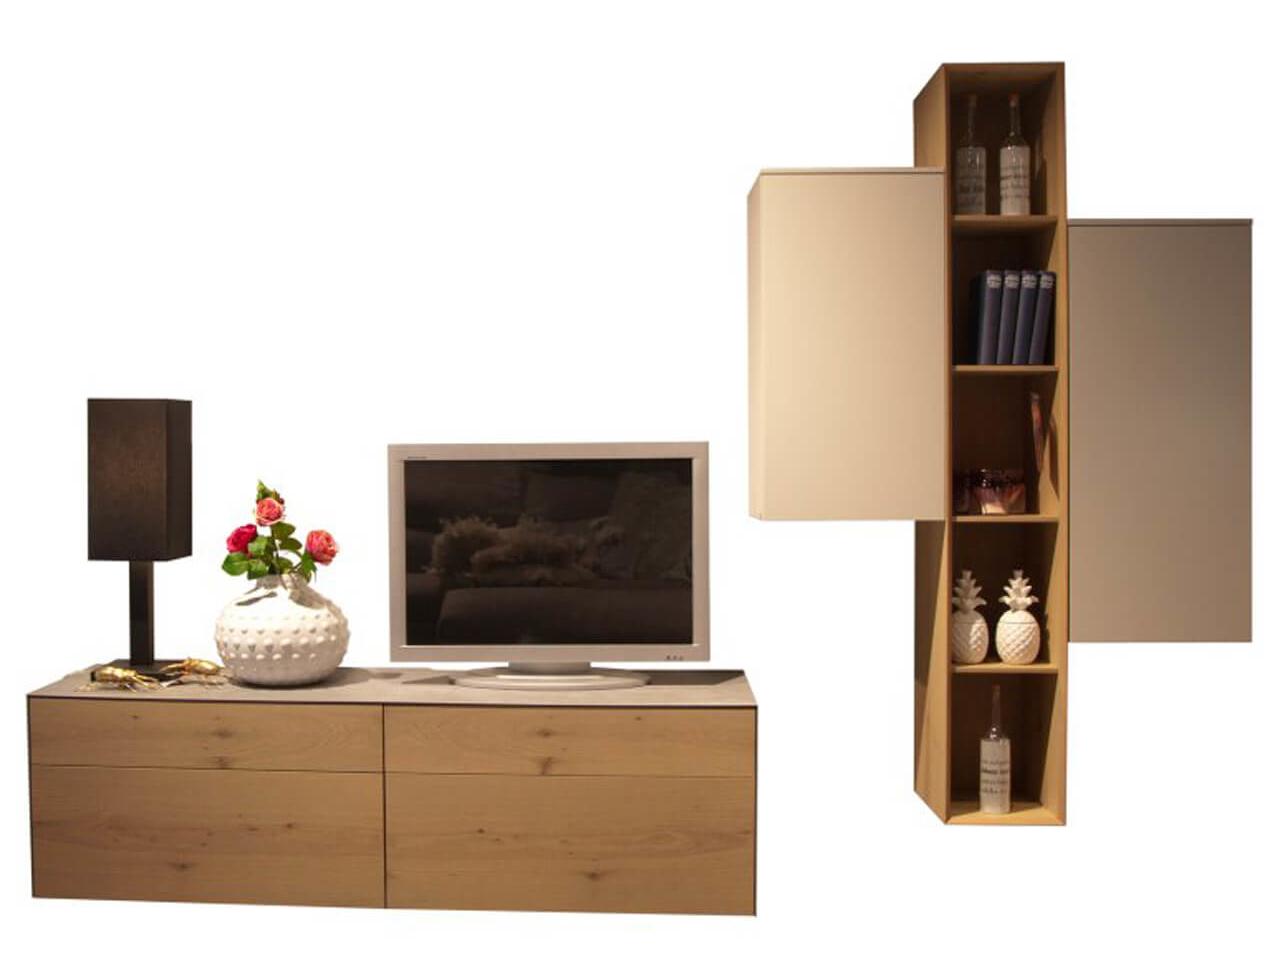 Wohnwand Contur Farini im Abverkauf - Kombination aus grau und Eiche mit TV-Lowboard und Hängeelement